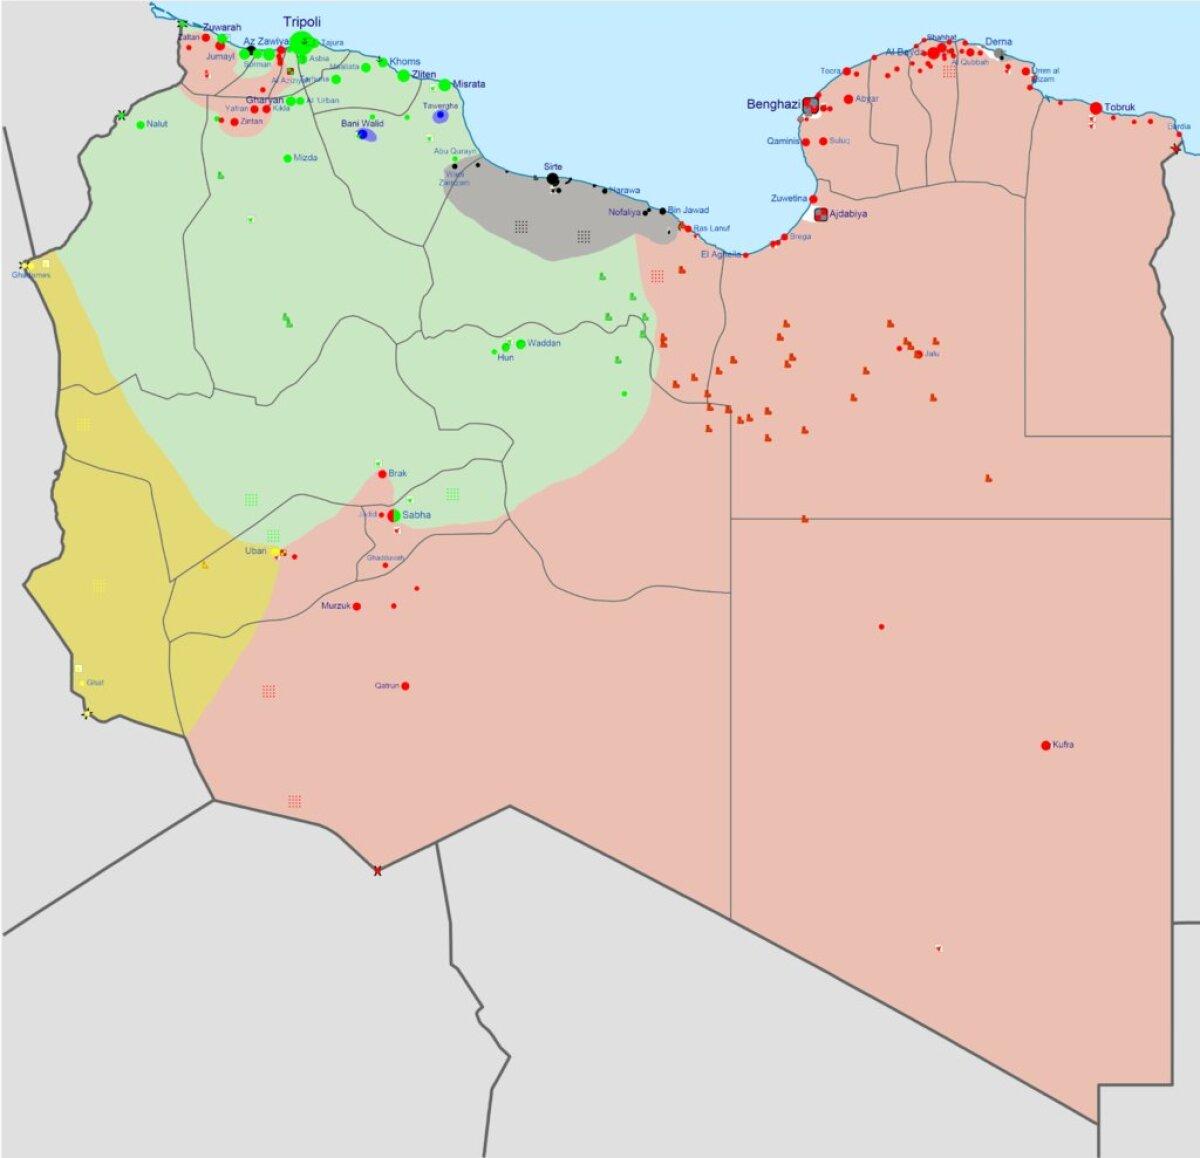 Liibüa sõja osapooled: roheline - Muslimi vennaskond ja liitlased, punane - varasem Liibüa valitsus koos Egiptuse-meelse armeega, hall - Islamiriik, kollane - berberid.